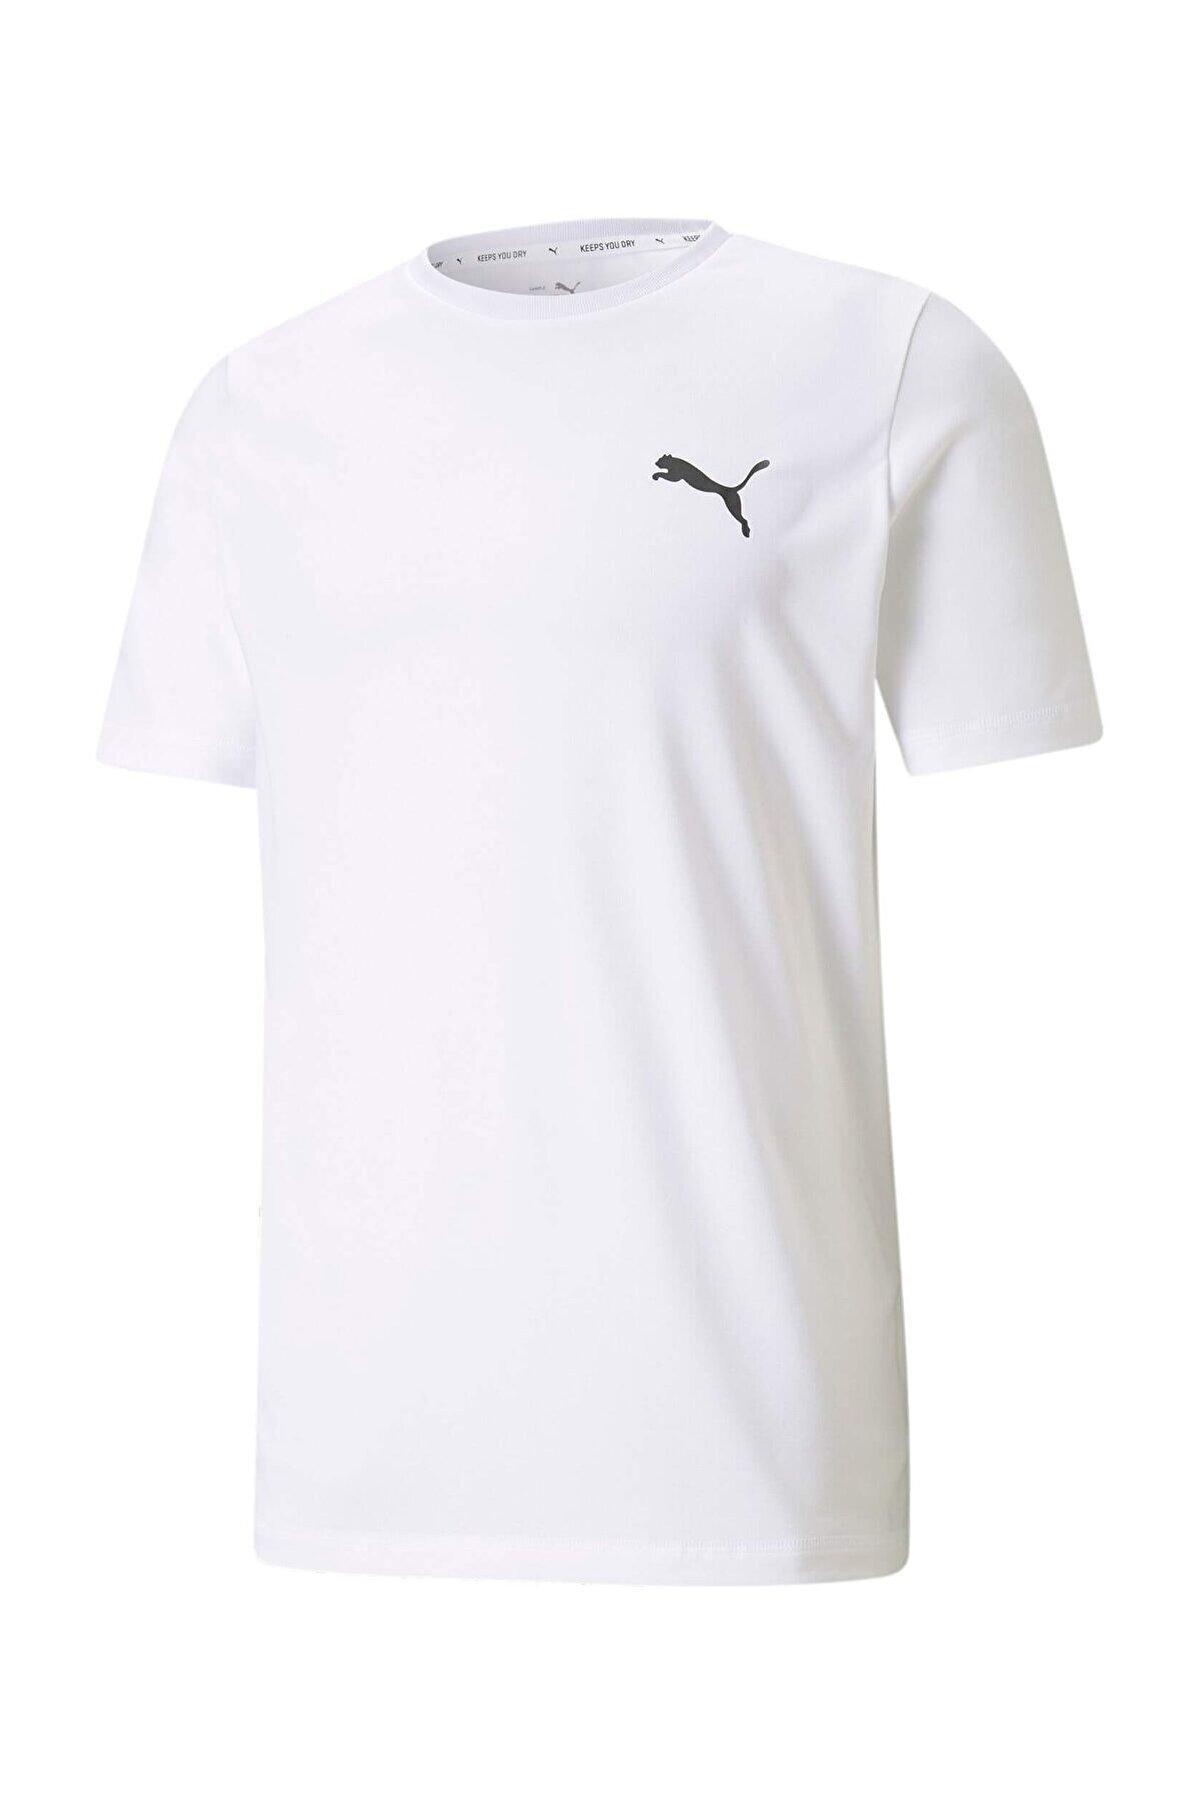 Puma ACTIVE SMALL LOGO TEE Beyaz Erkek T-Shirt 101085577